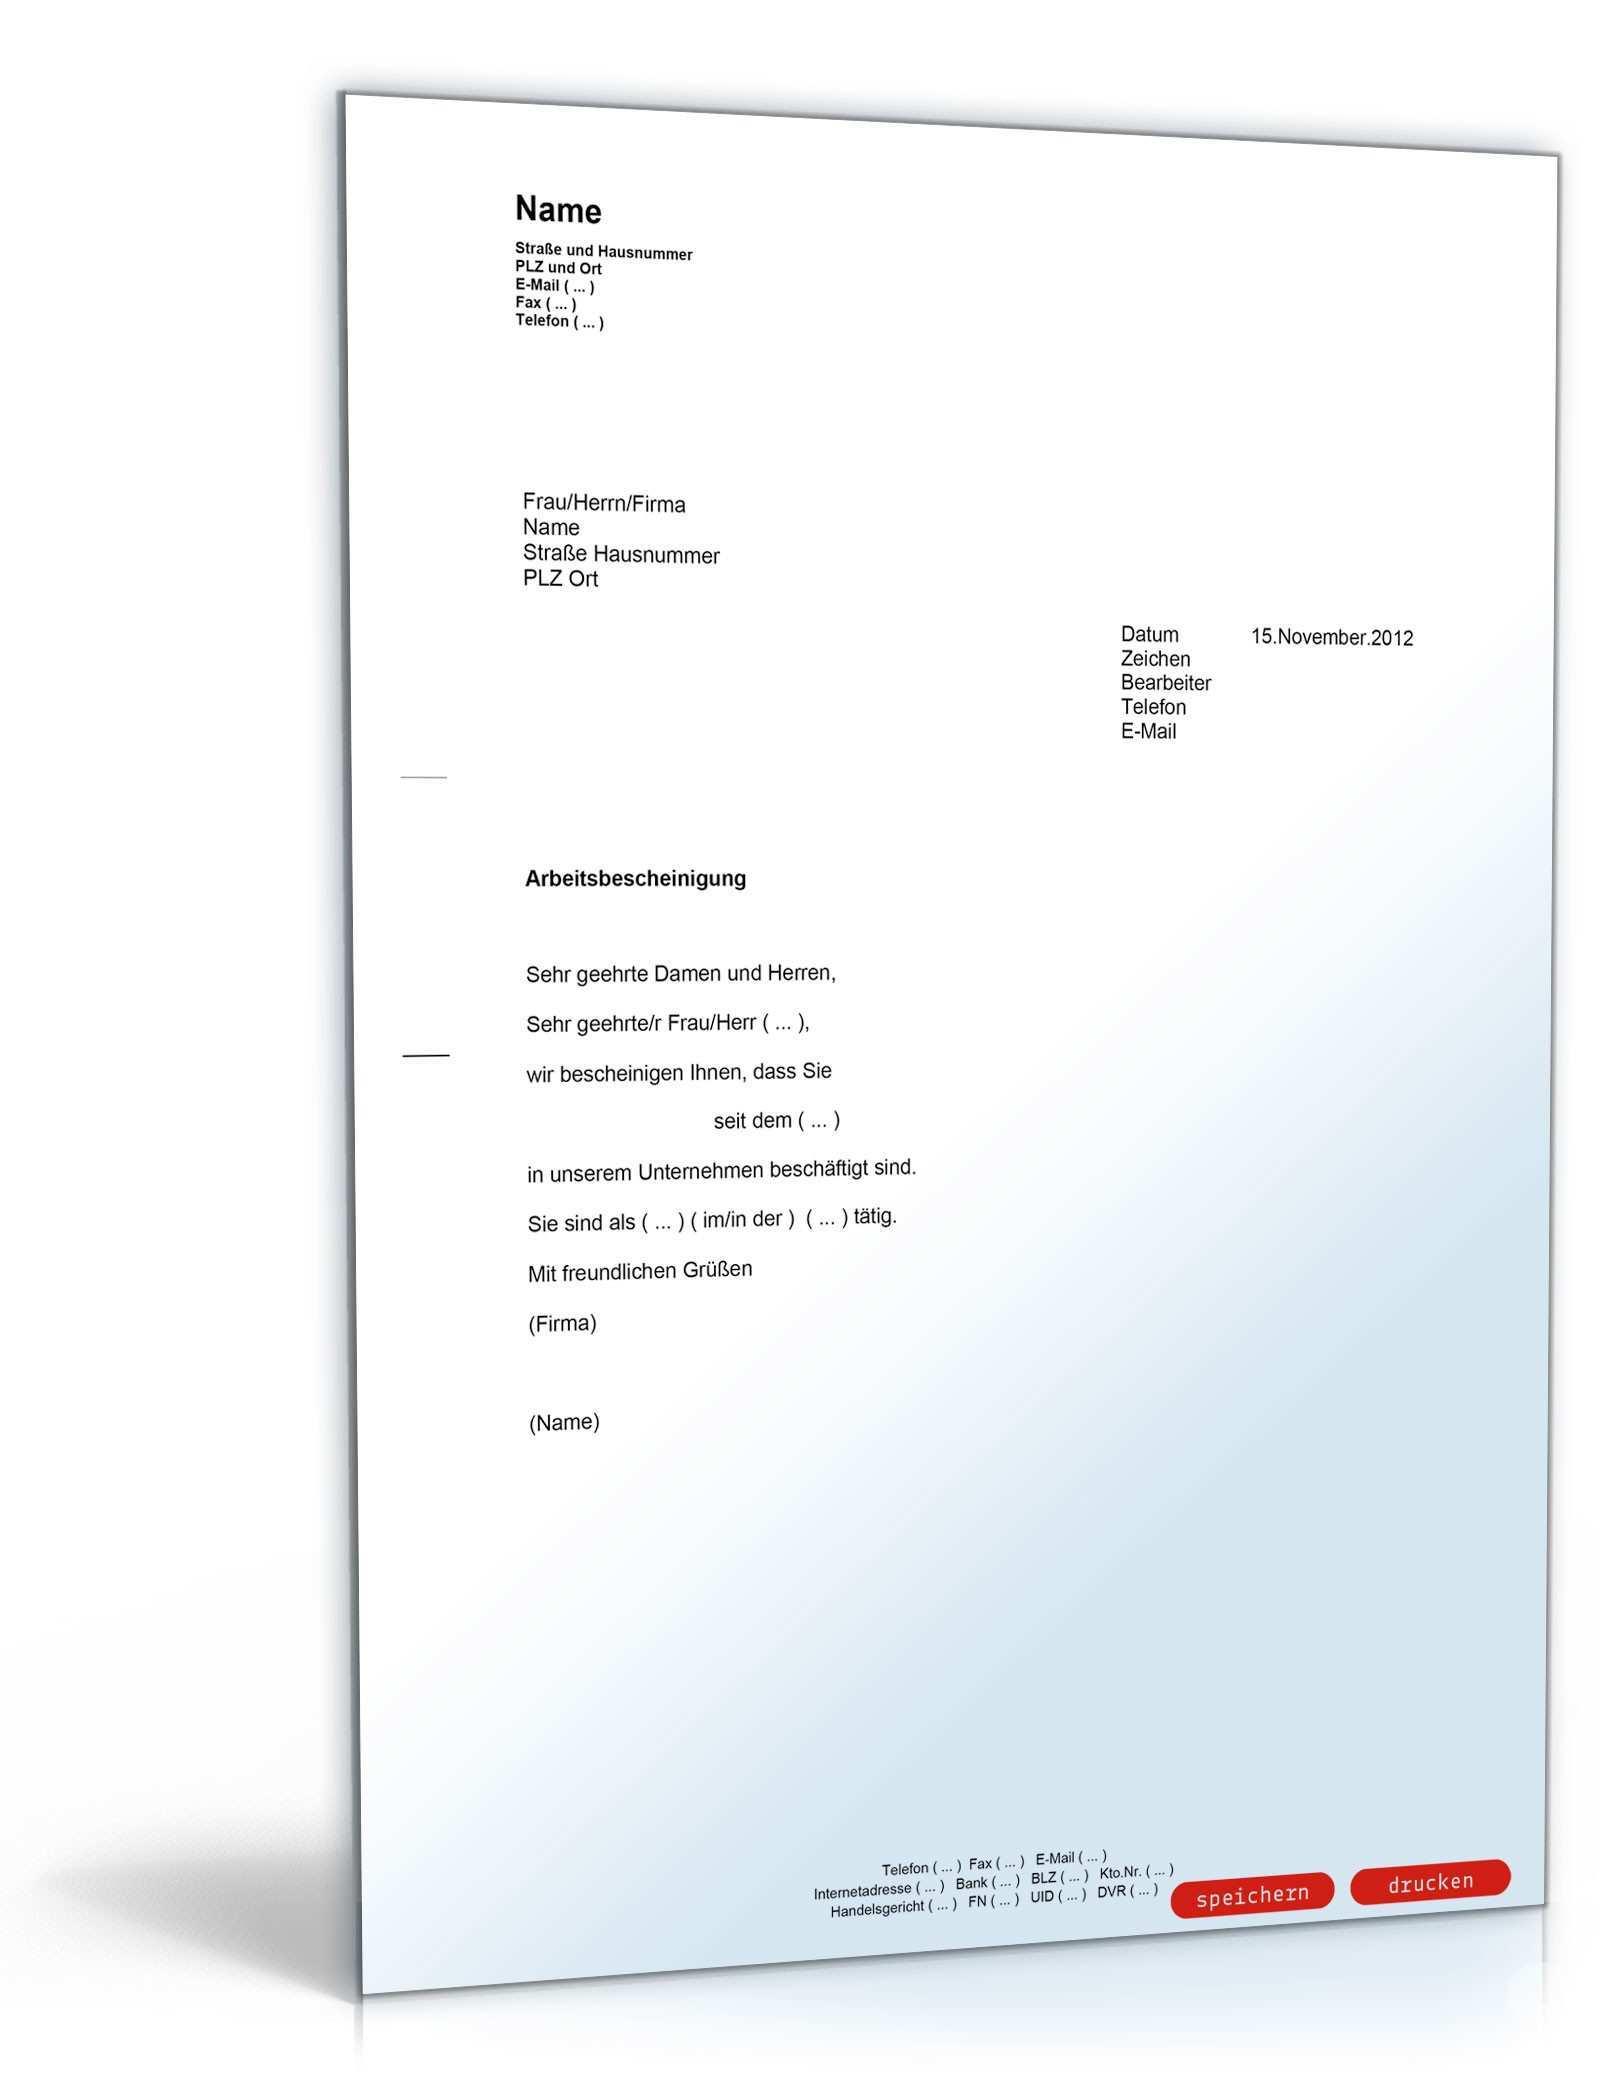 Arbeitsbescheinigung Muster Vorlage Zum Download